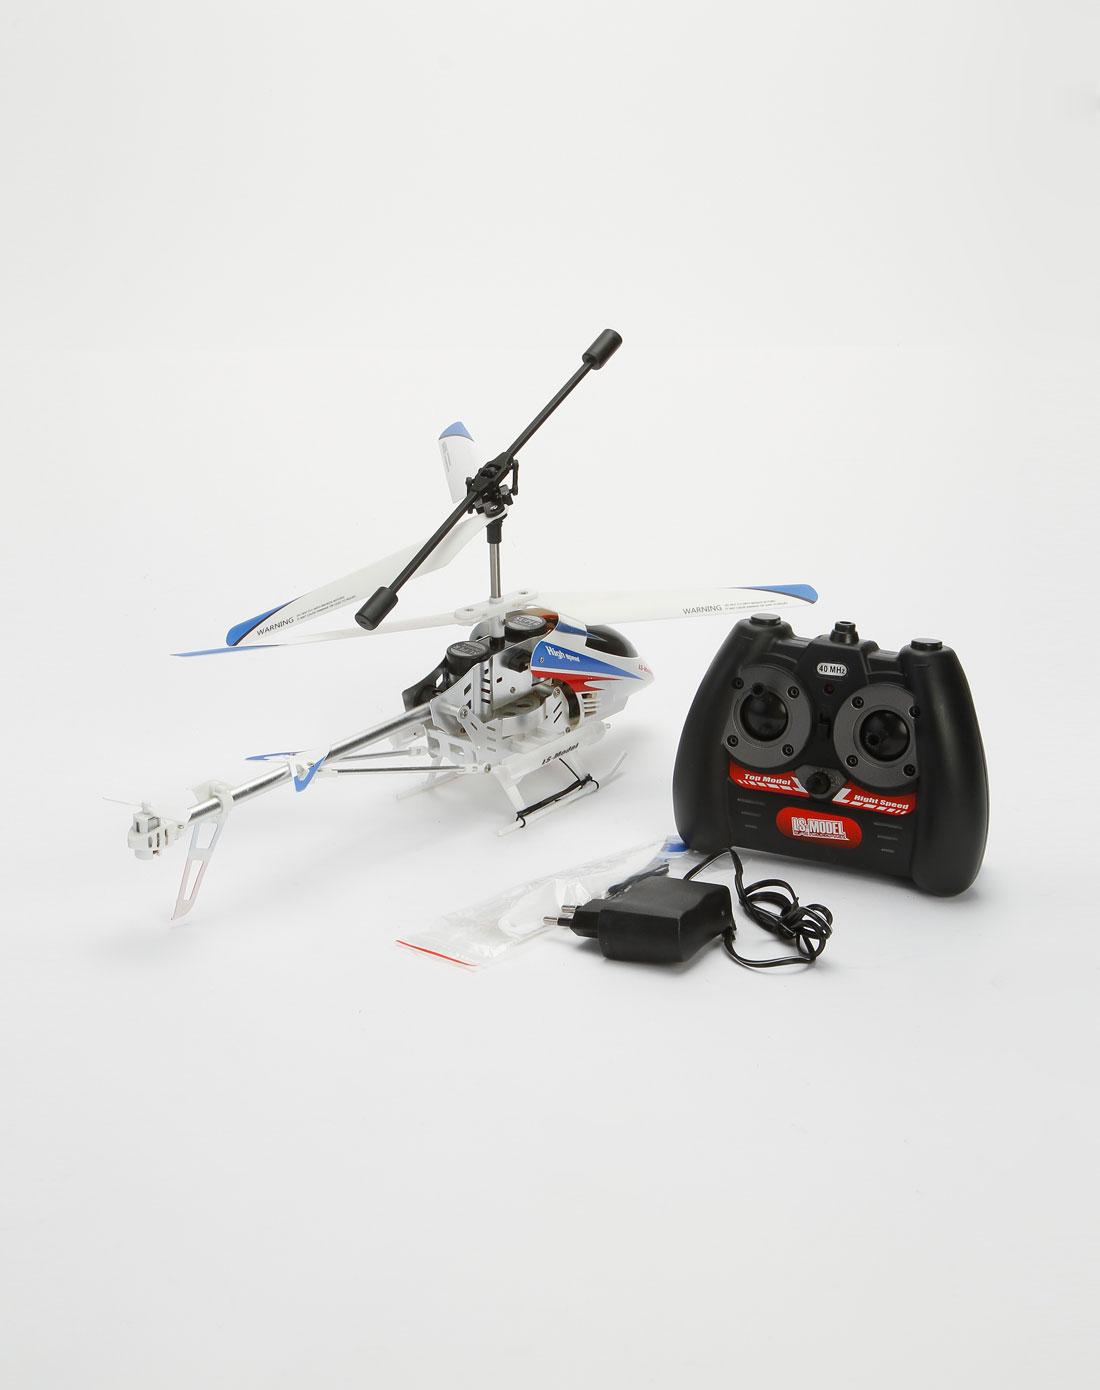 遥控玩具专场蓝/白/黑/红色遥控直升飞机16010087